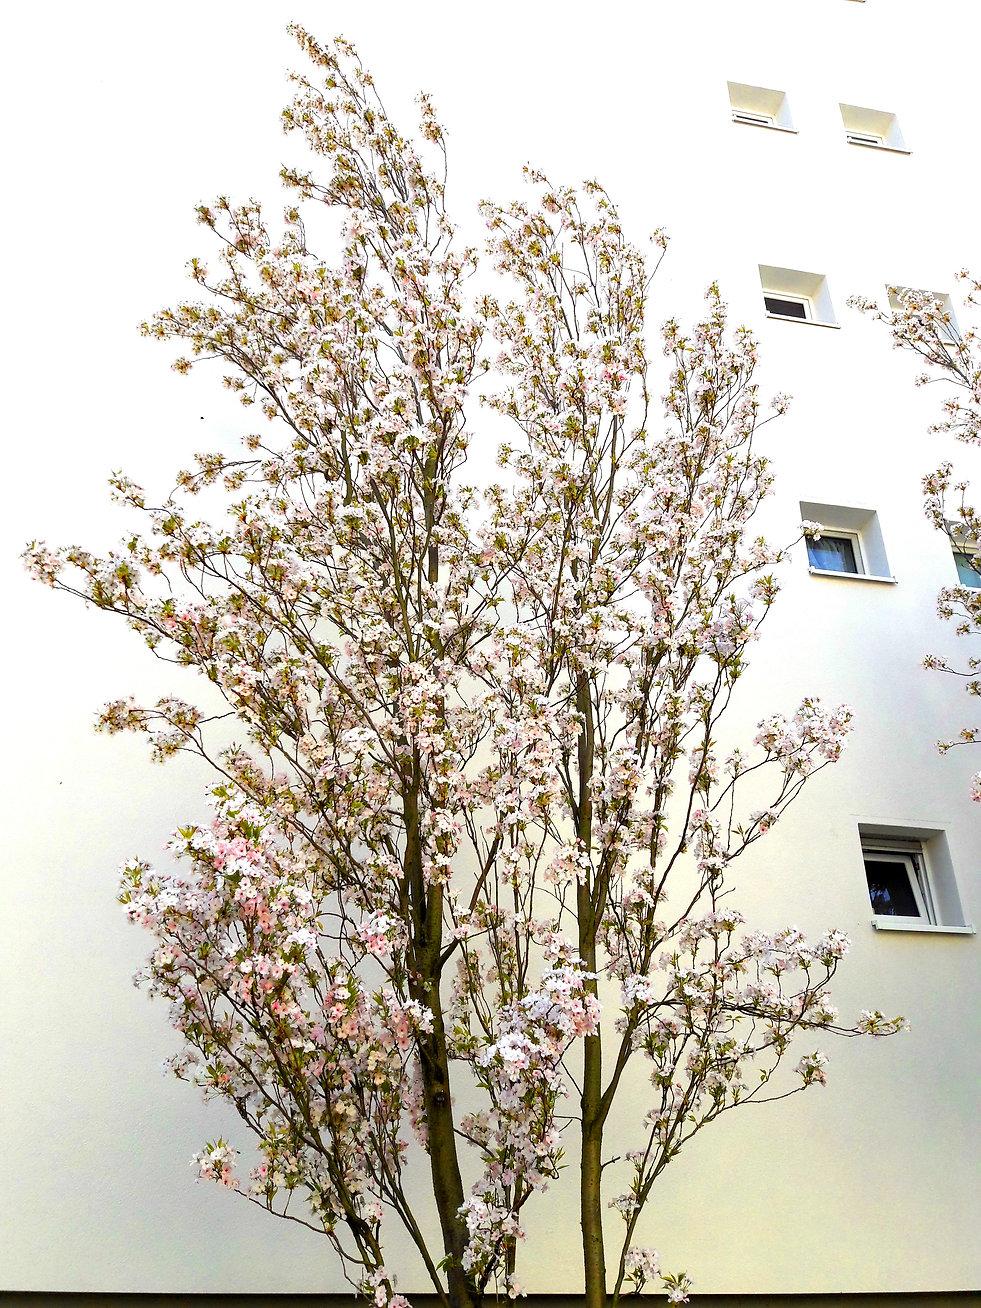 Christiaan Tonnis Baum vor Hauswand